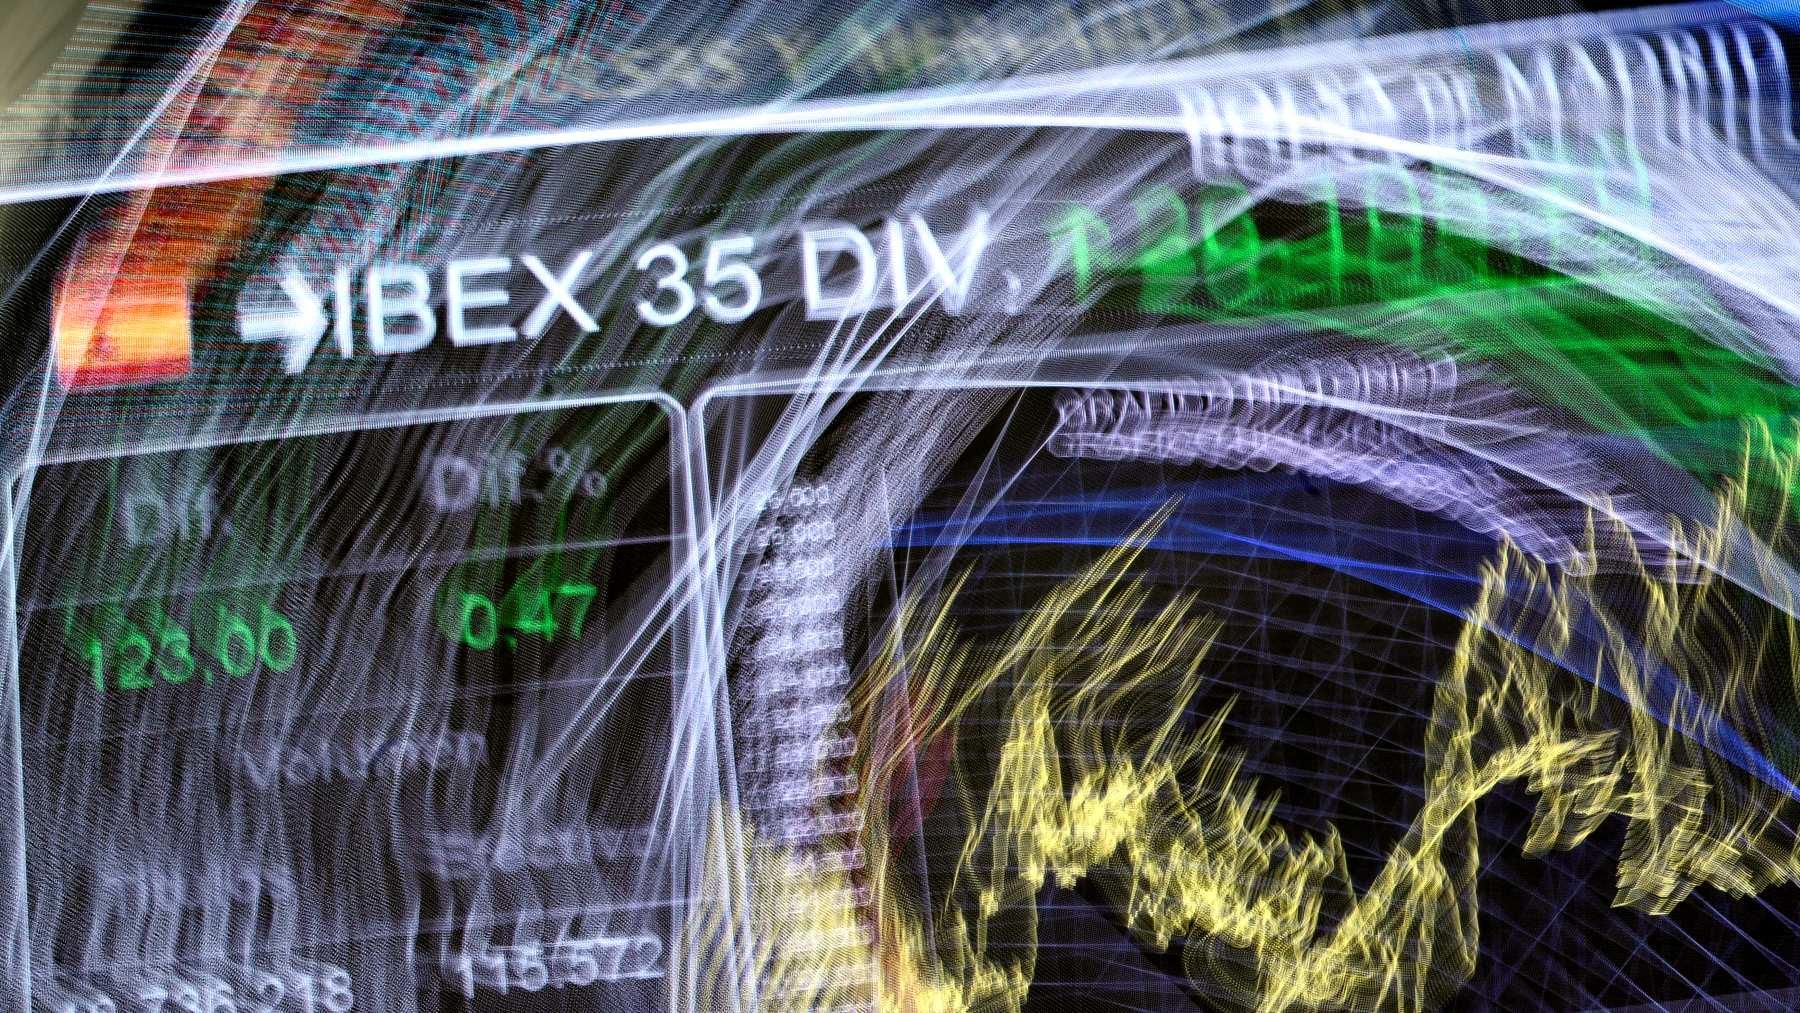 Panel del Ibex 35 con dividendos.